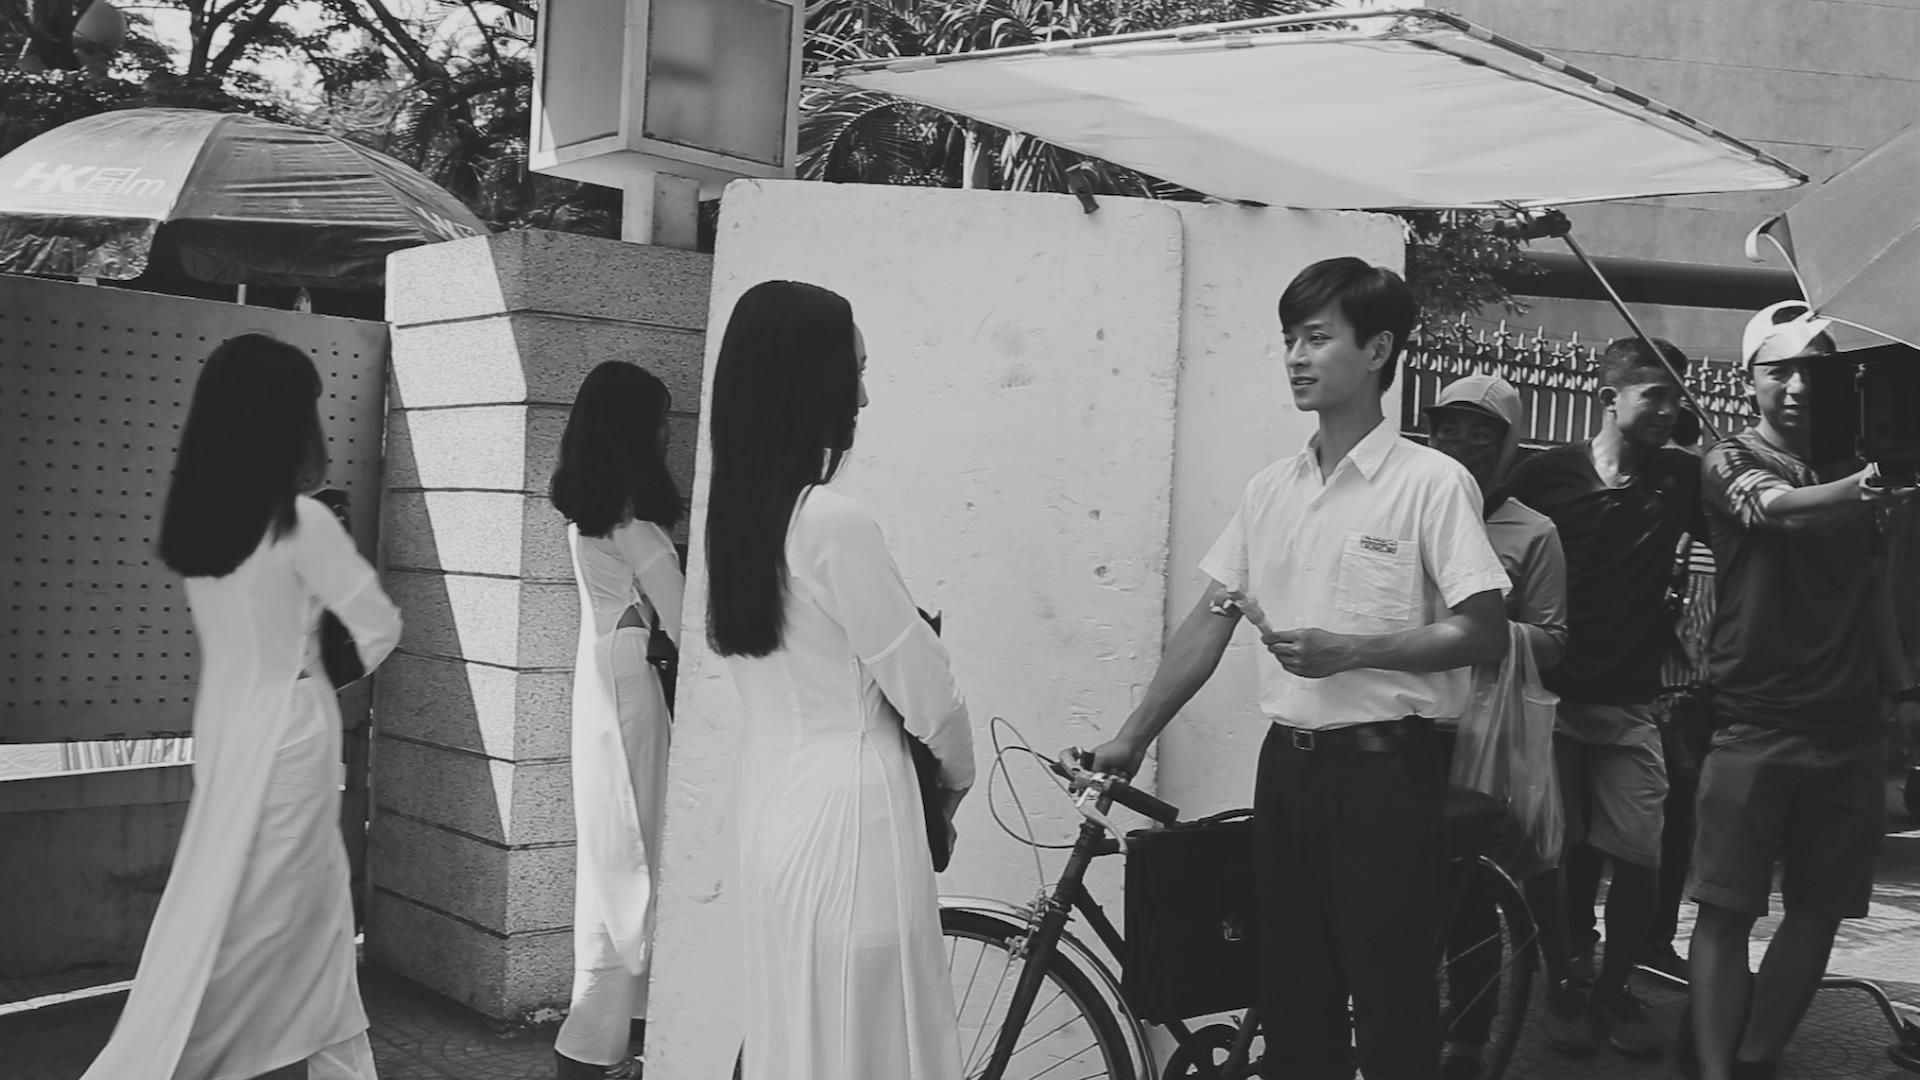 """Có Chàng Trai Viết Lên Cây - Hiện tượng """"ngược đời"""" của Vpop"""